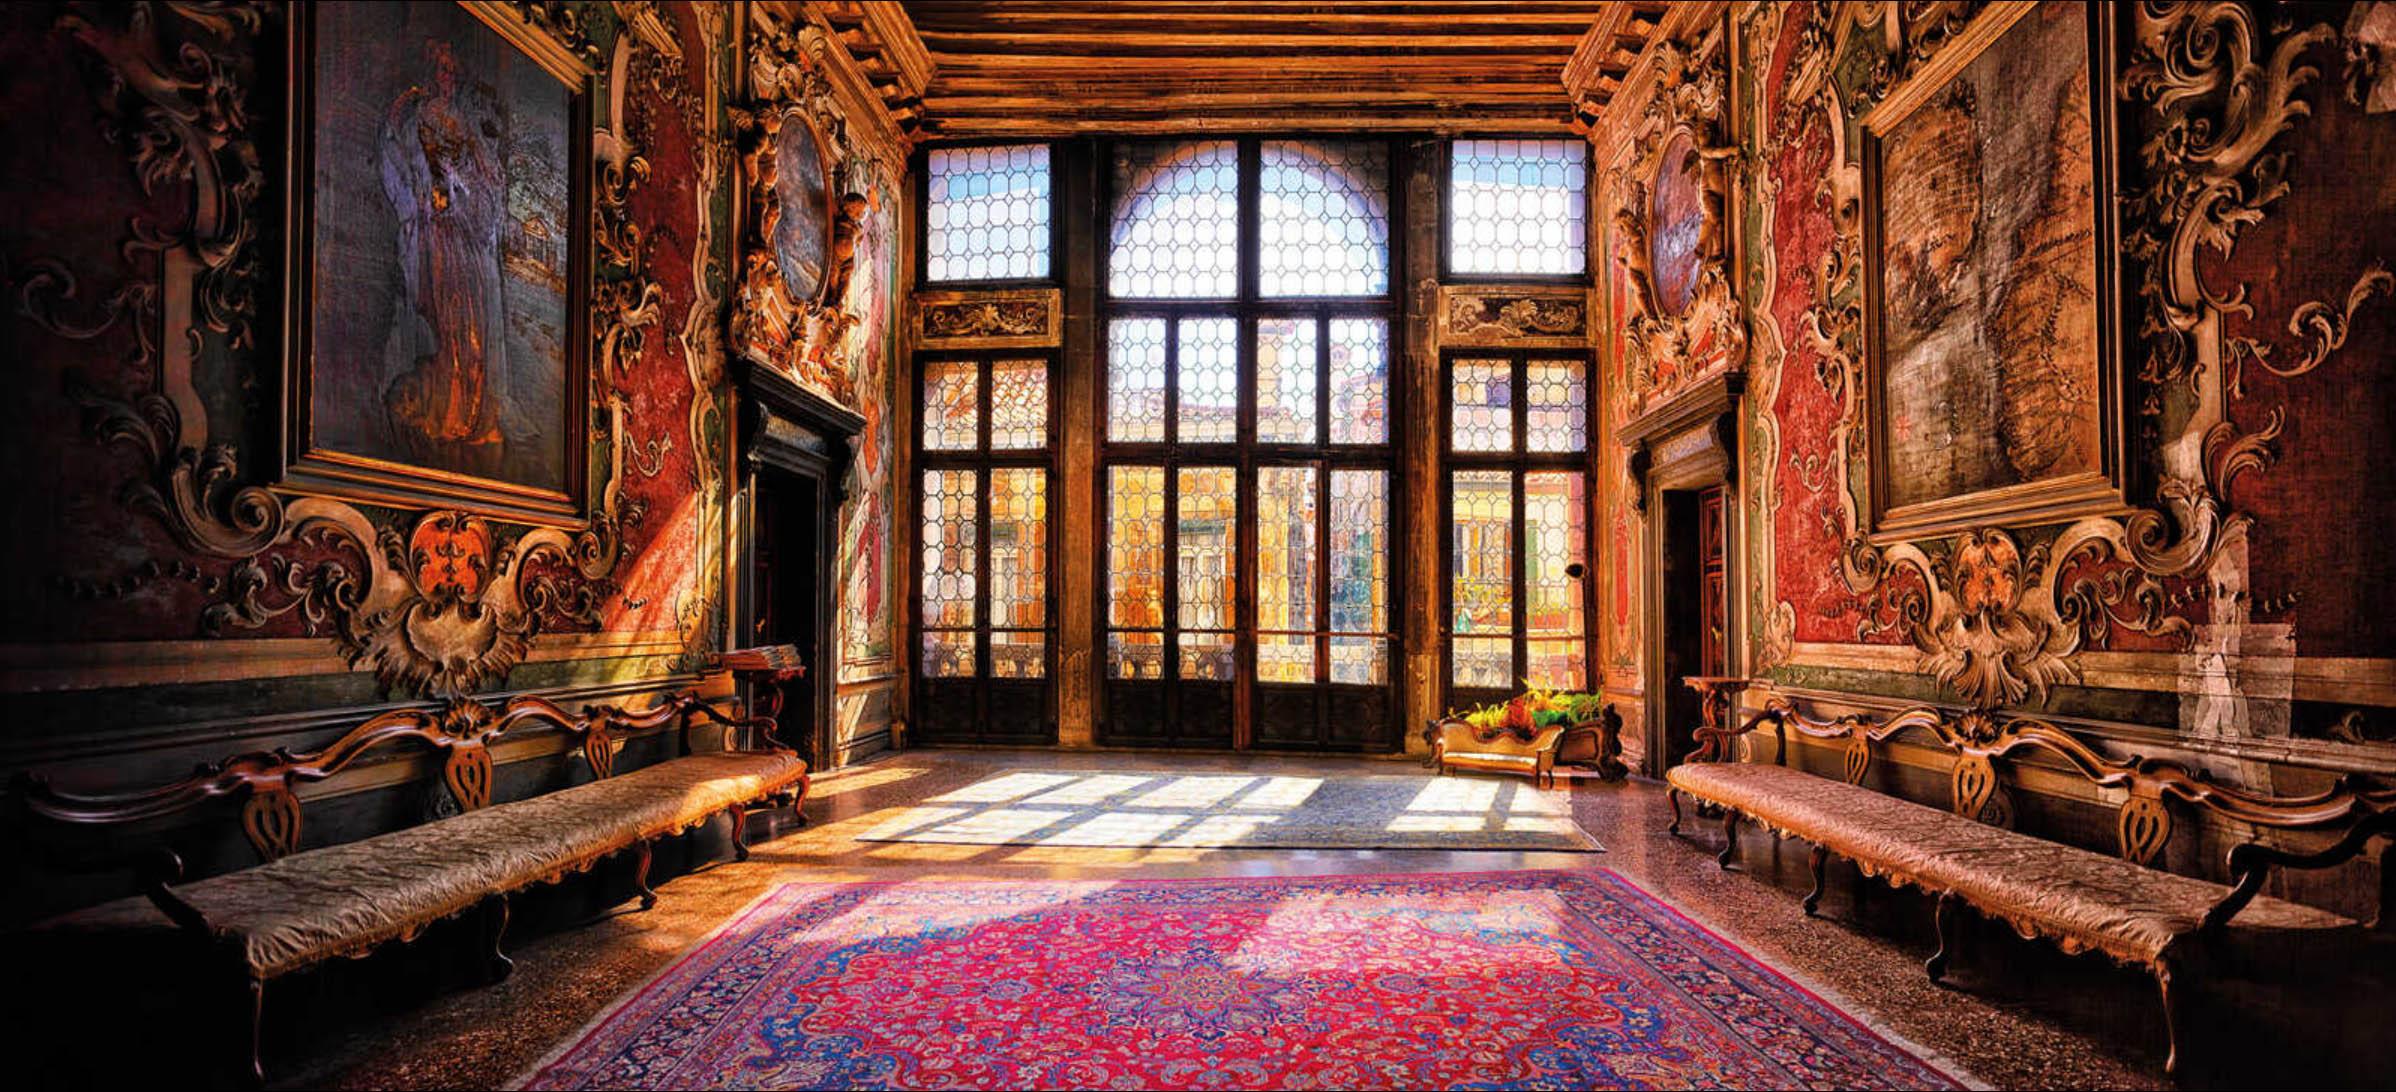 Palazzo Alvize par Werner Pavlok - Visite d'une journée de Venise